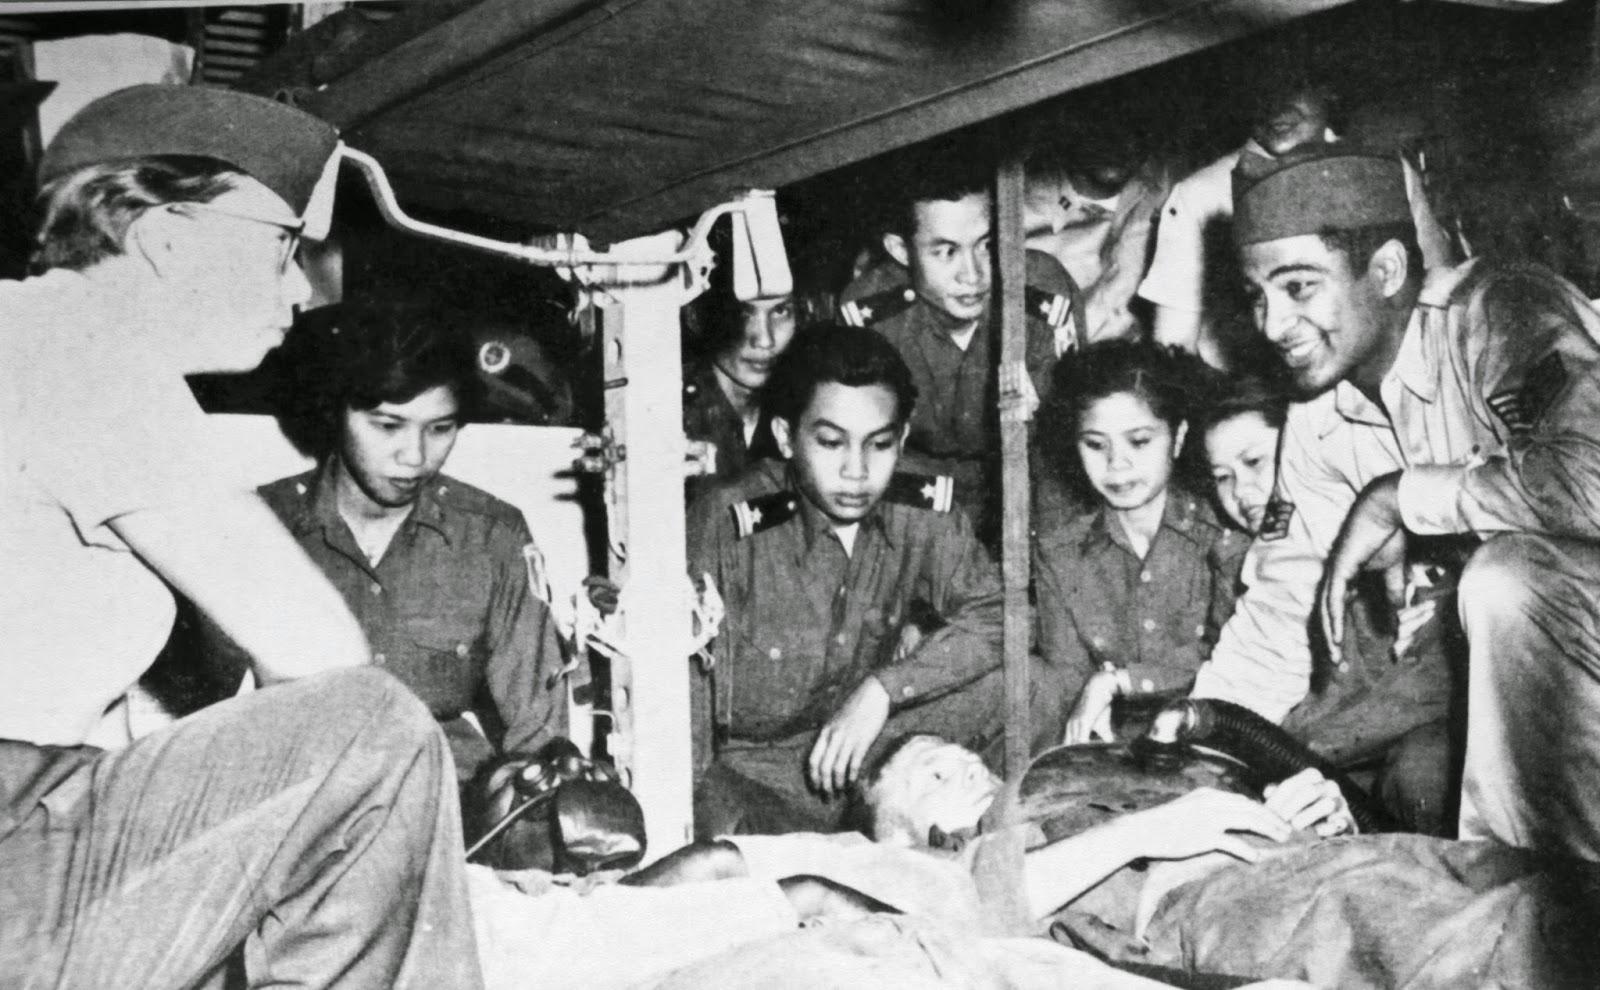 ผลการค้นหารูปภาพสำหรับ ศาลาทหารไทย เกาหลี